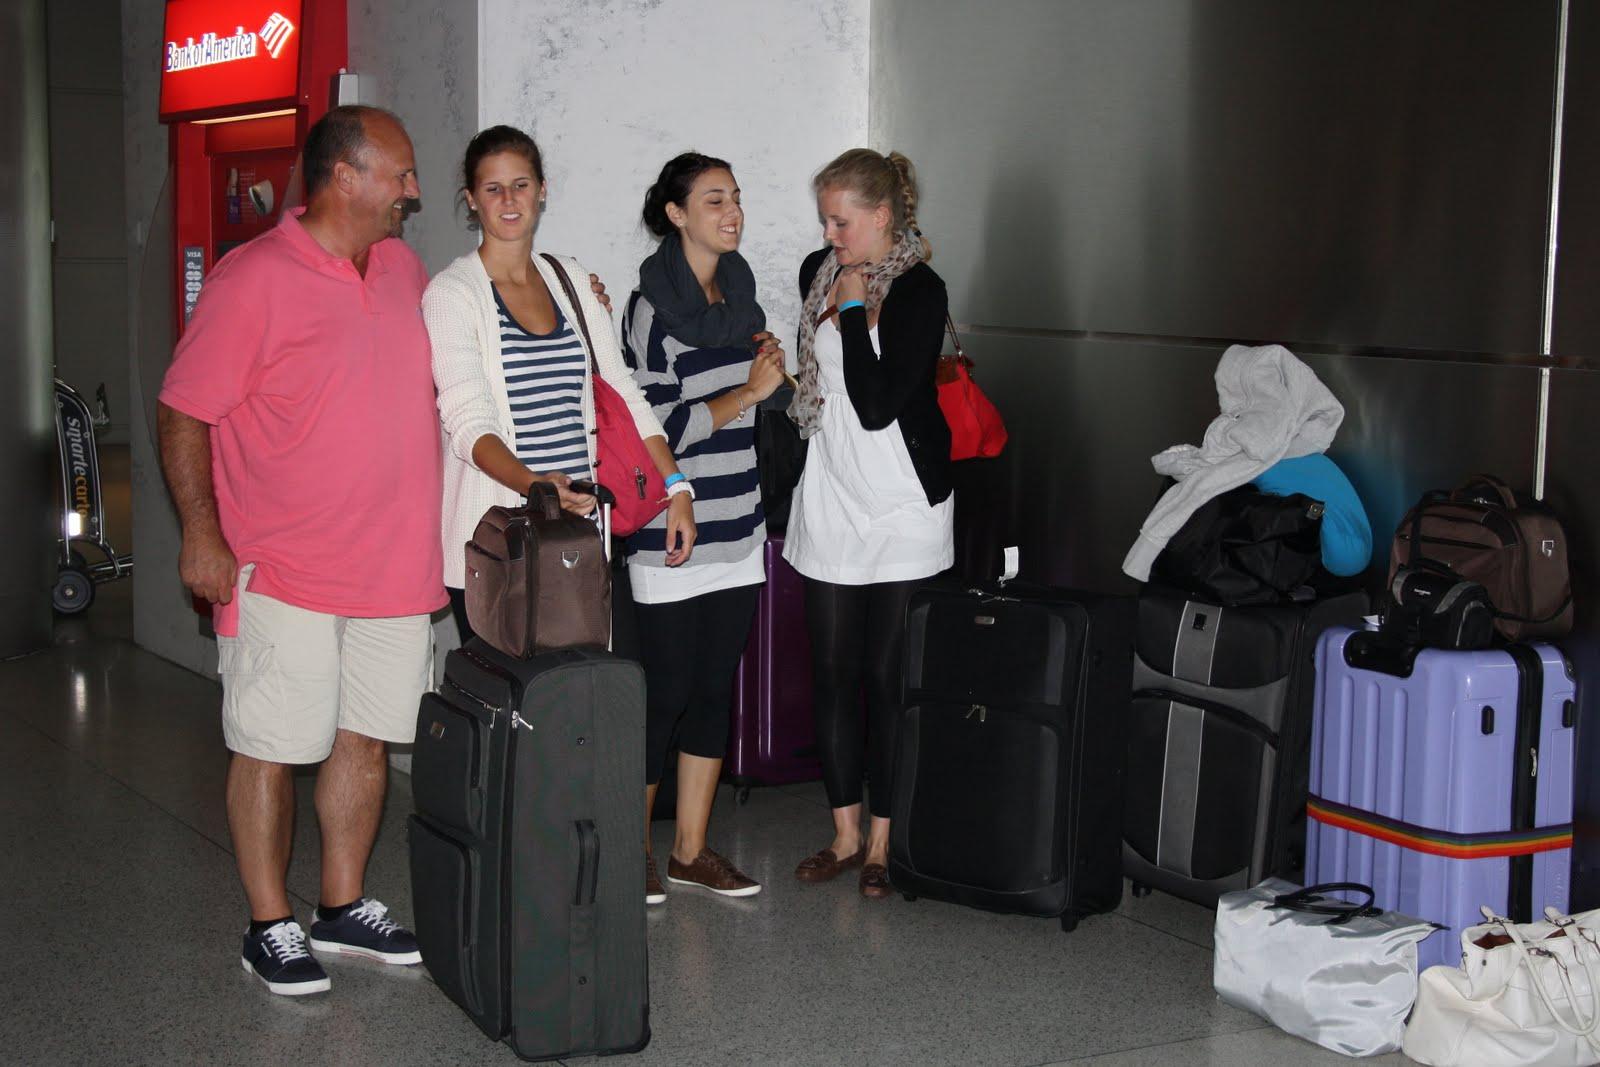 wie schwer darf ein koffer sein